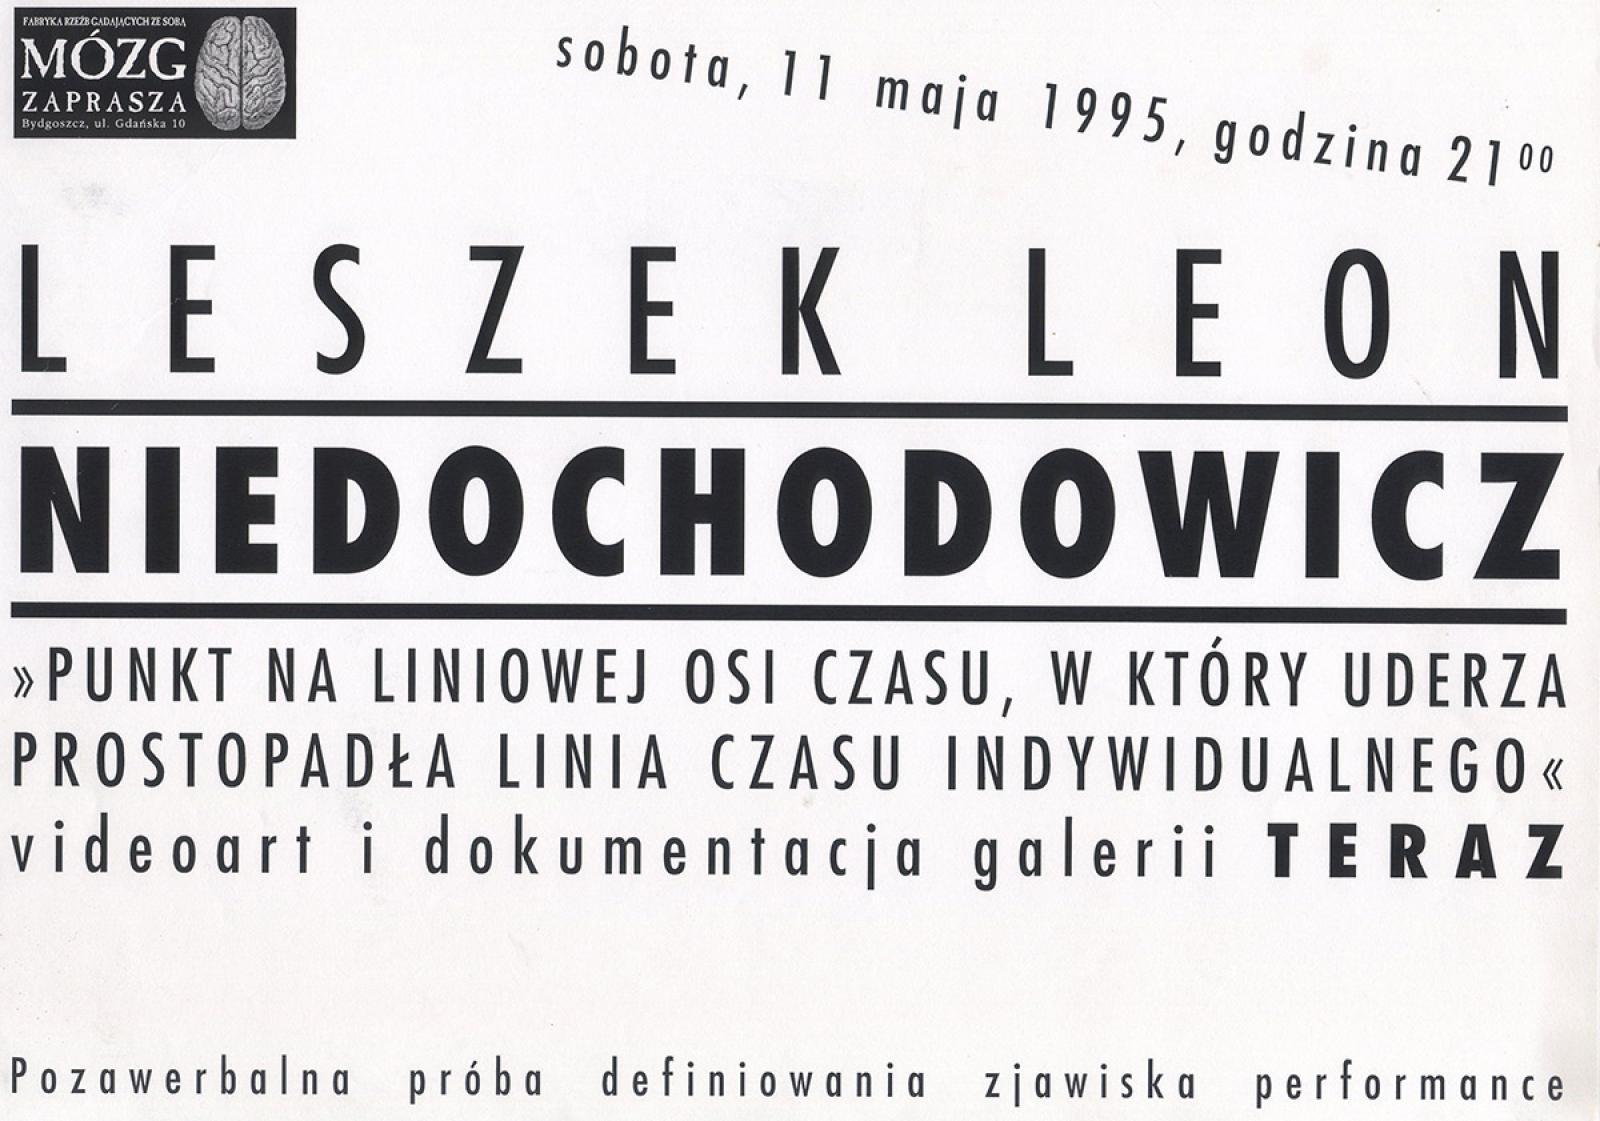 """Leon Leszek Niedochodowicz """"Punkt na liniowej osi czasu, w który uderza prostopadła linia czasu indywidualnego"""""""